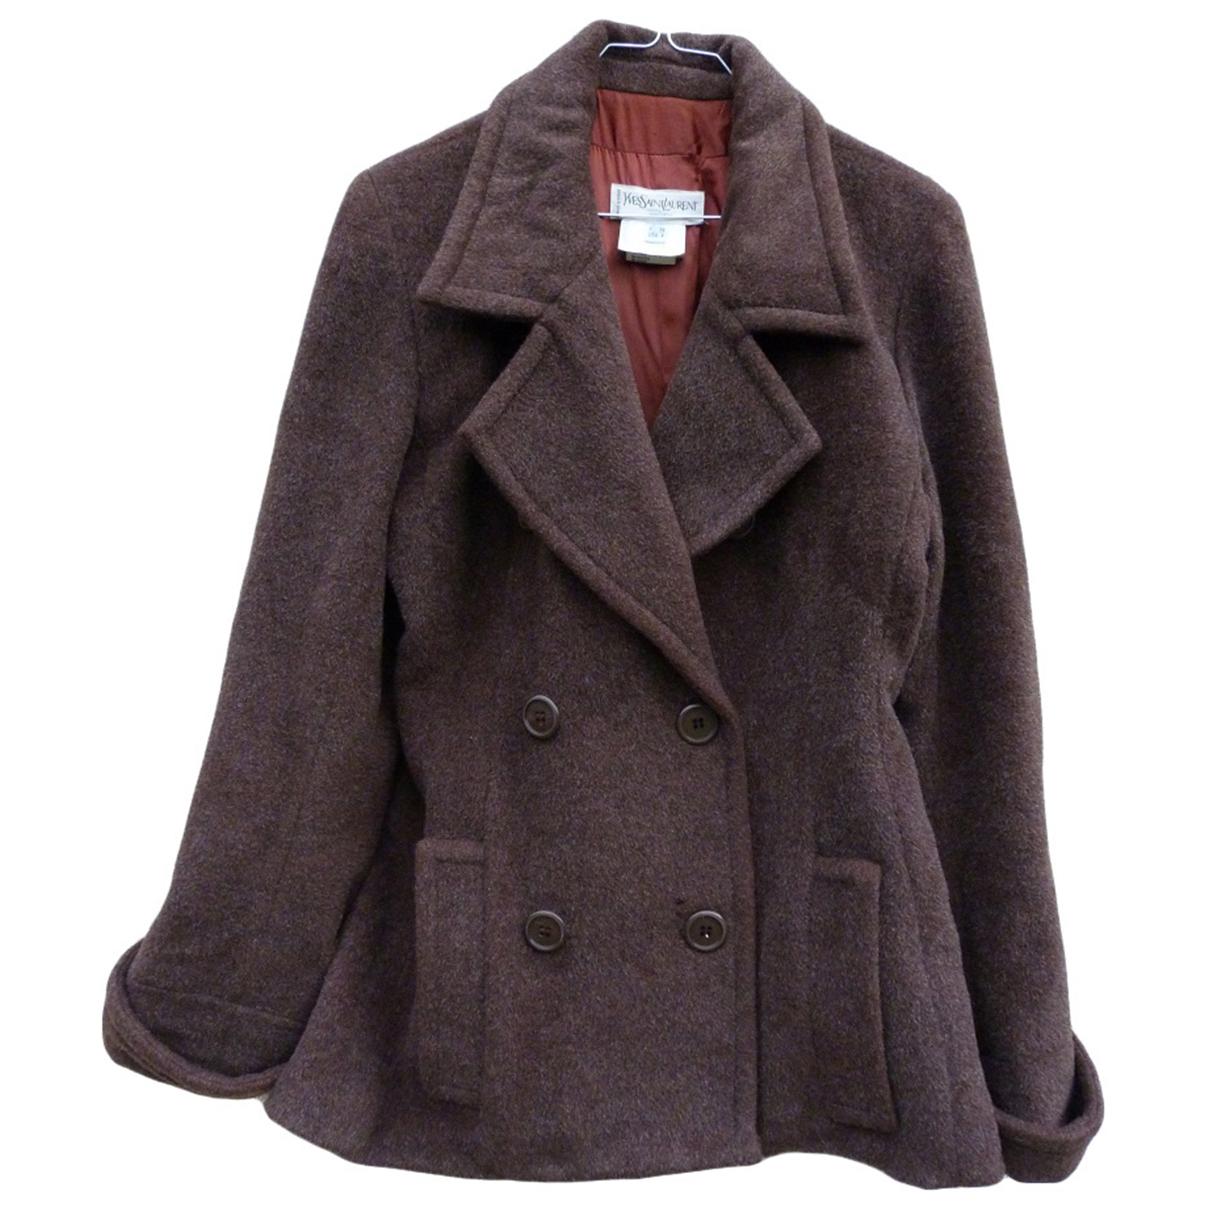 Yves Saint Laurent - Manteau   pour femme en laine - marron